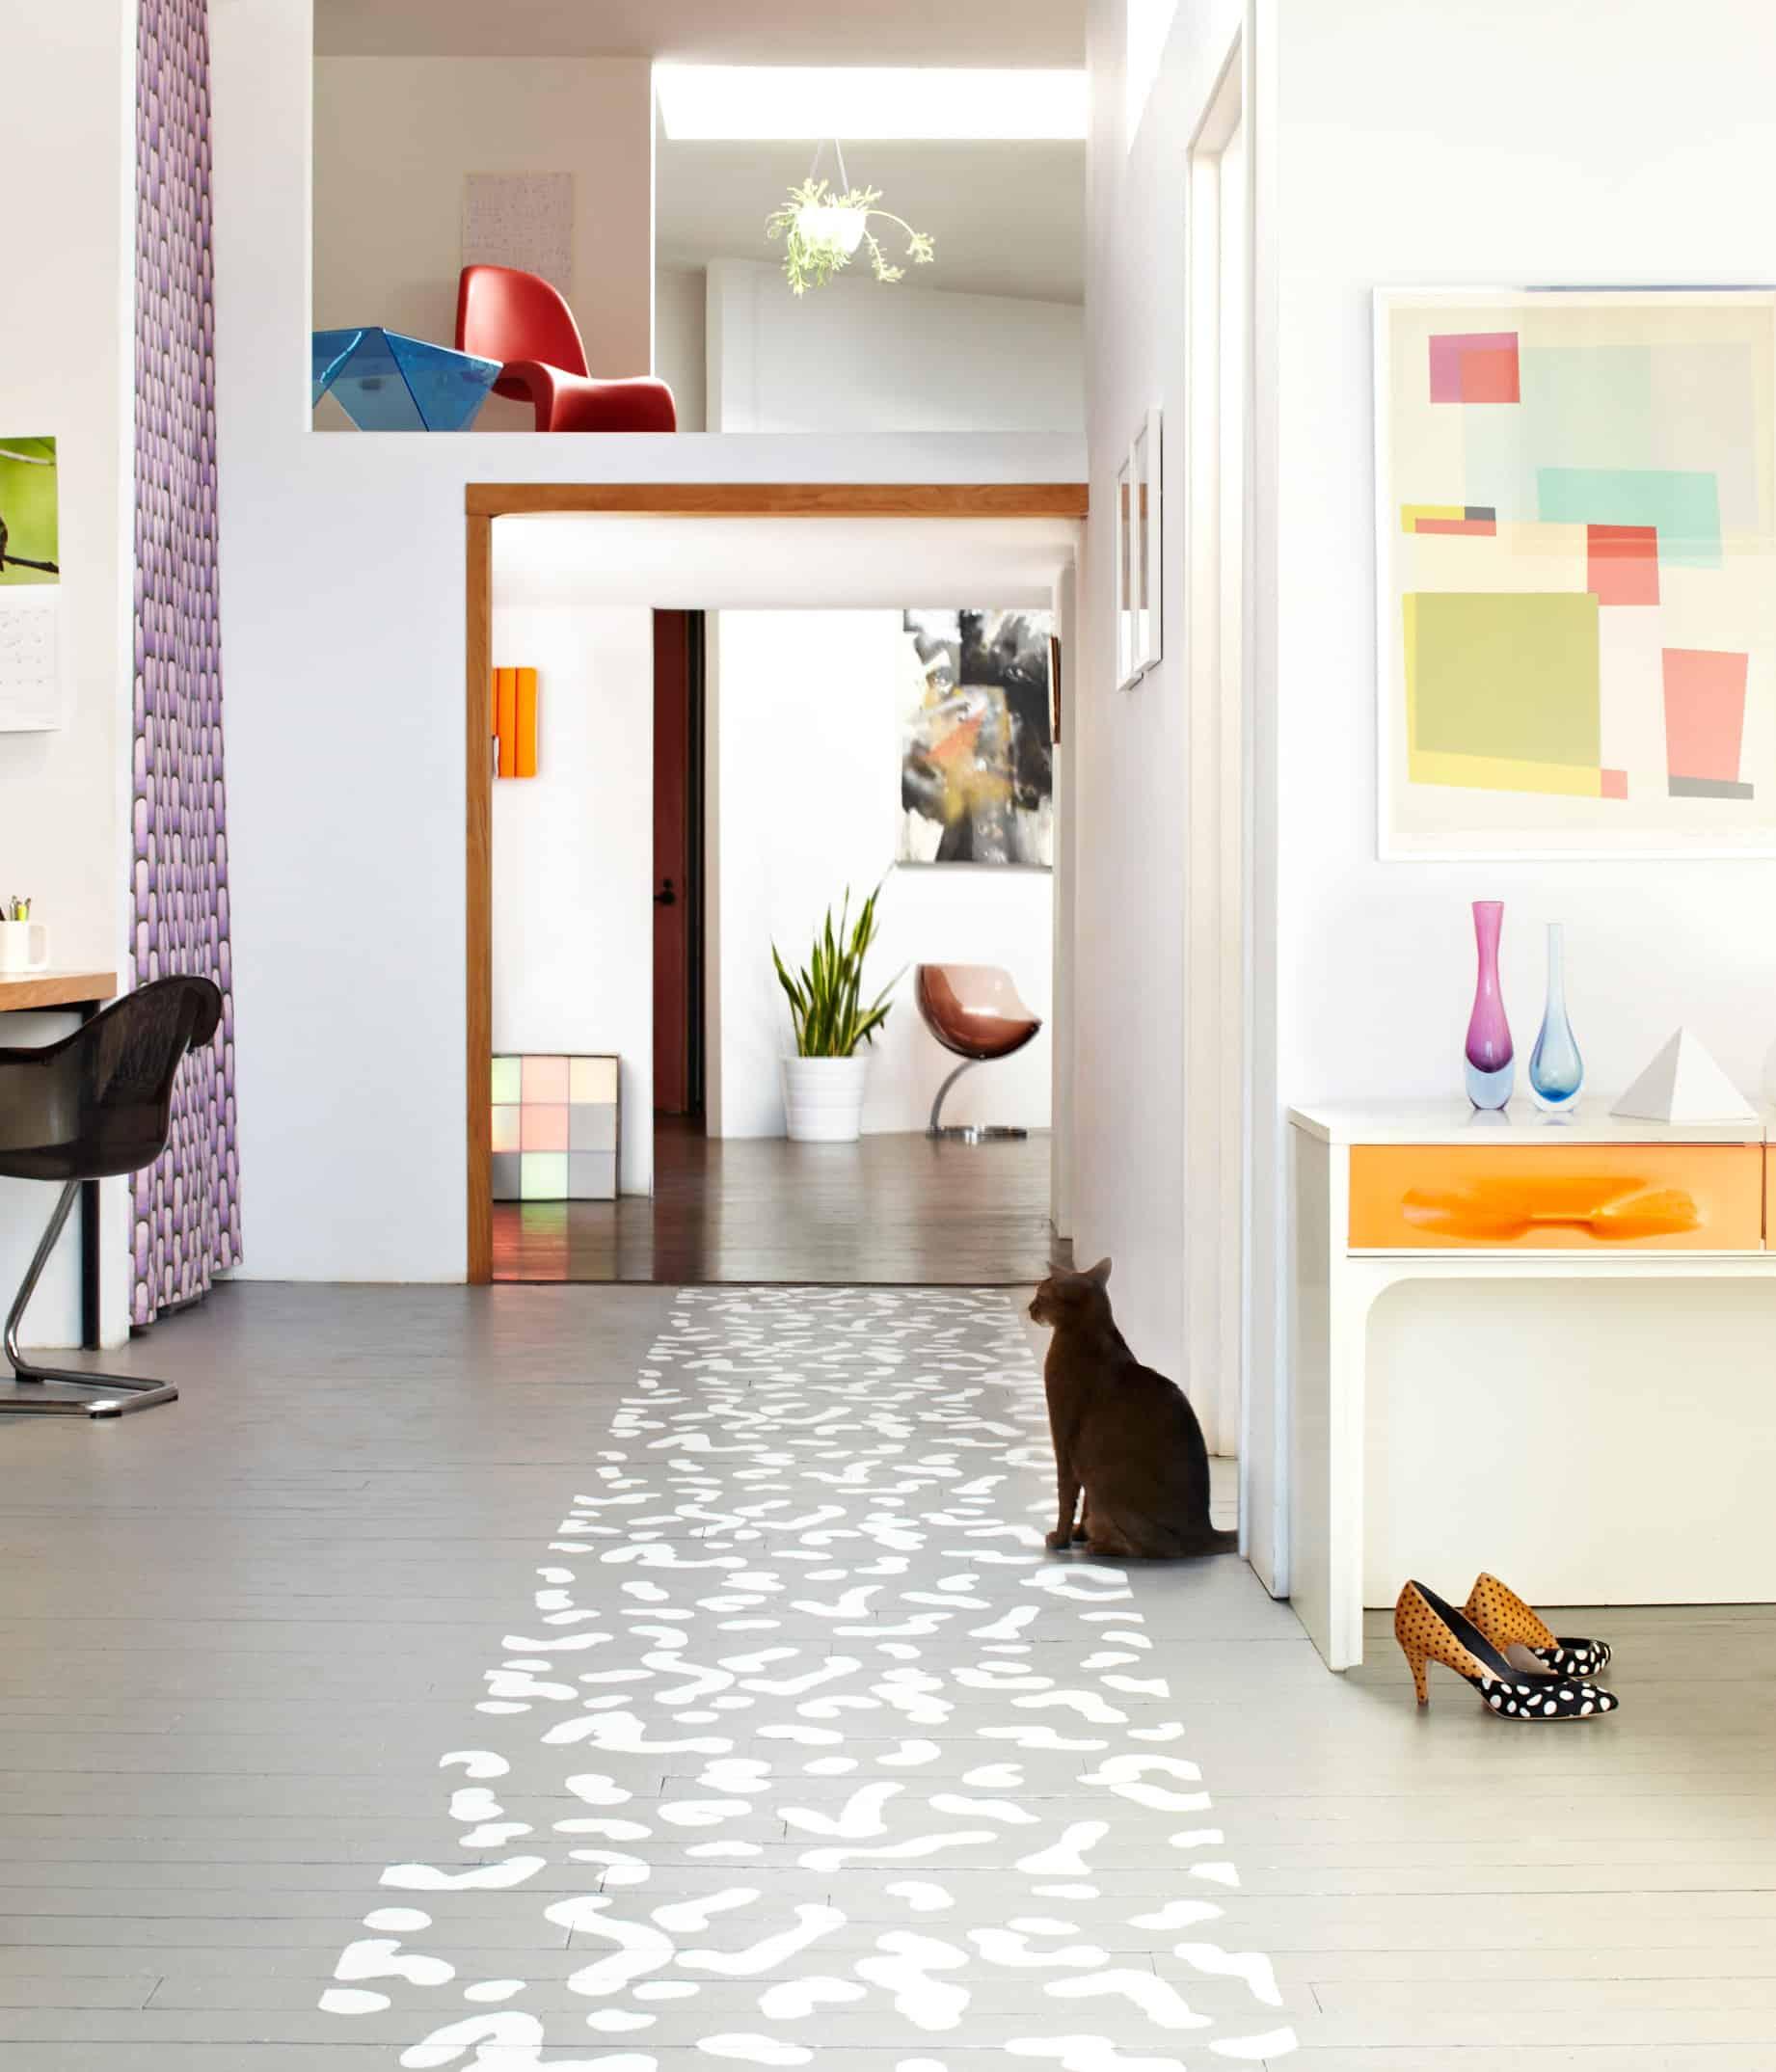 diy painted floor runner